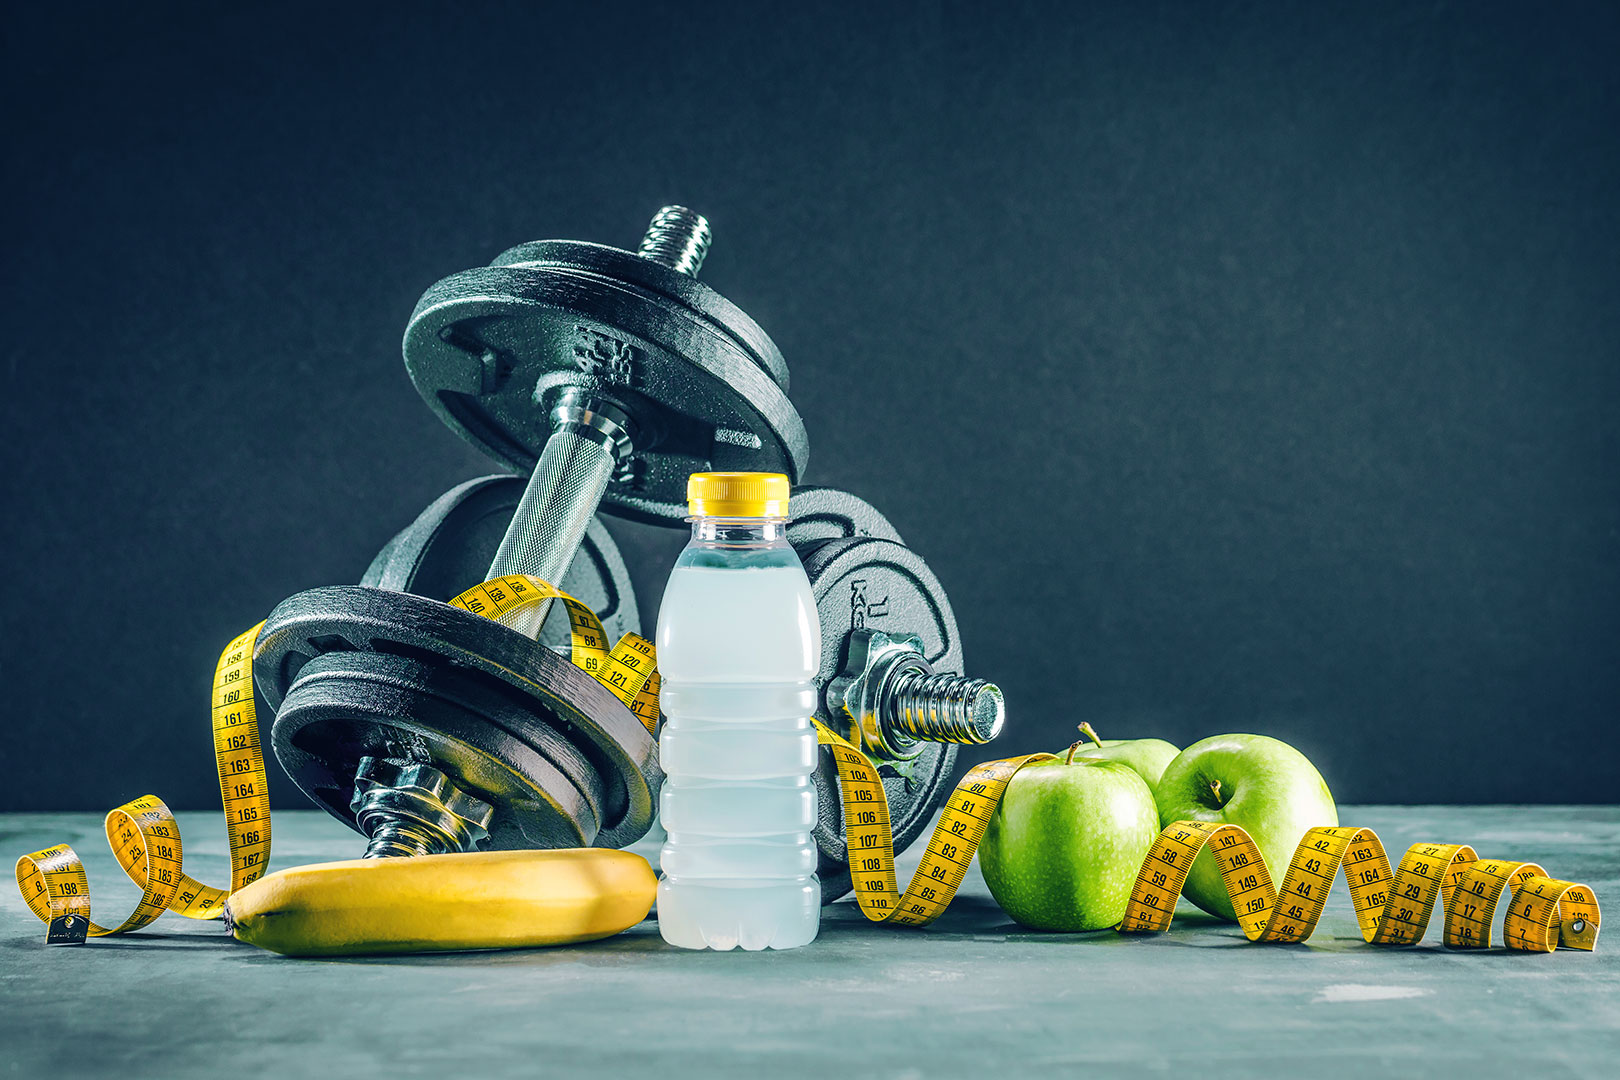 A világ legegészségesebb ételei - Ezeket edd és elkerülnek a betegségek!